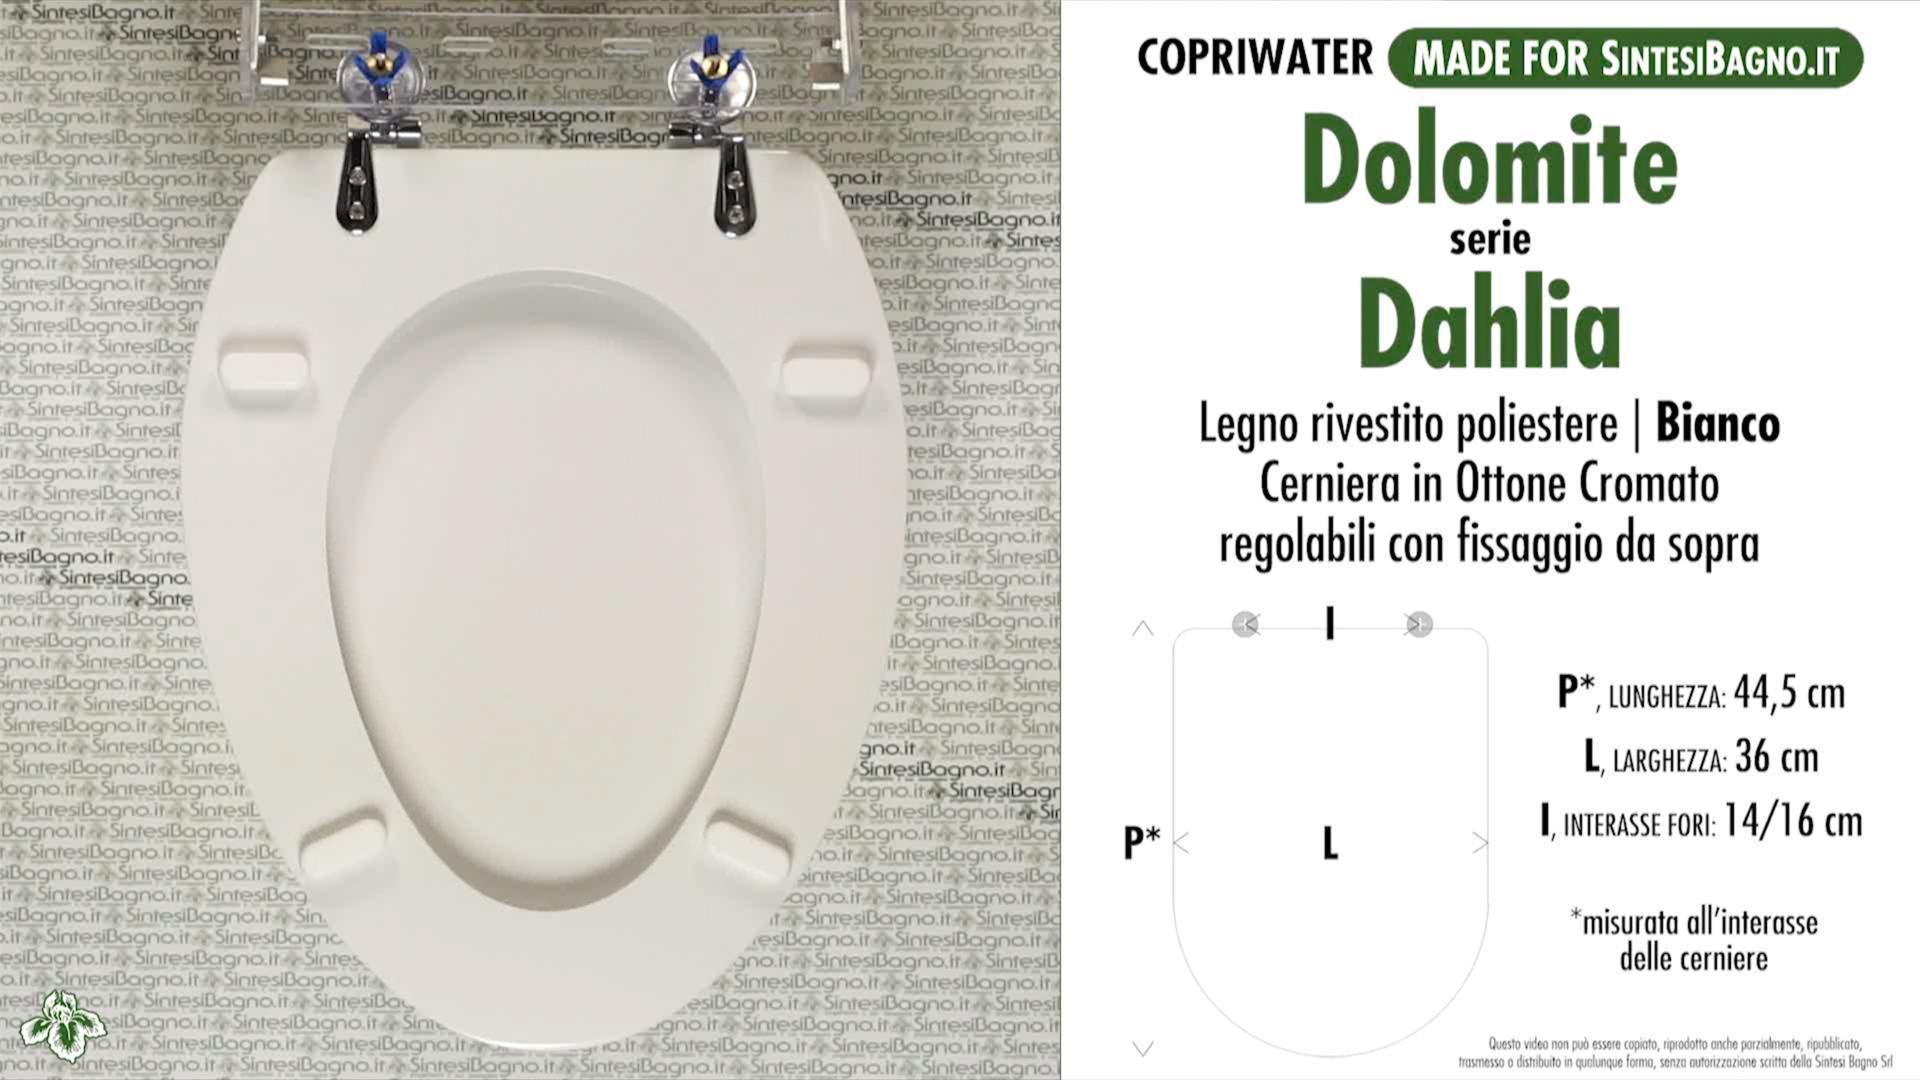 SCHEDA TECNICA MISURE copriwater DOLOMITE DAHLIA